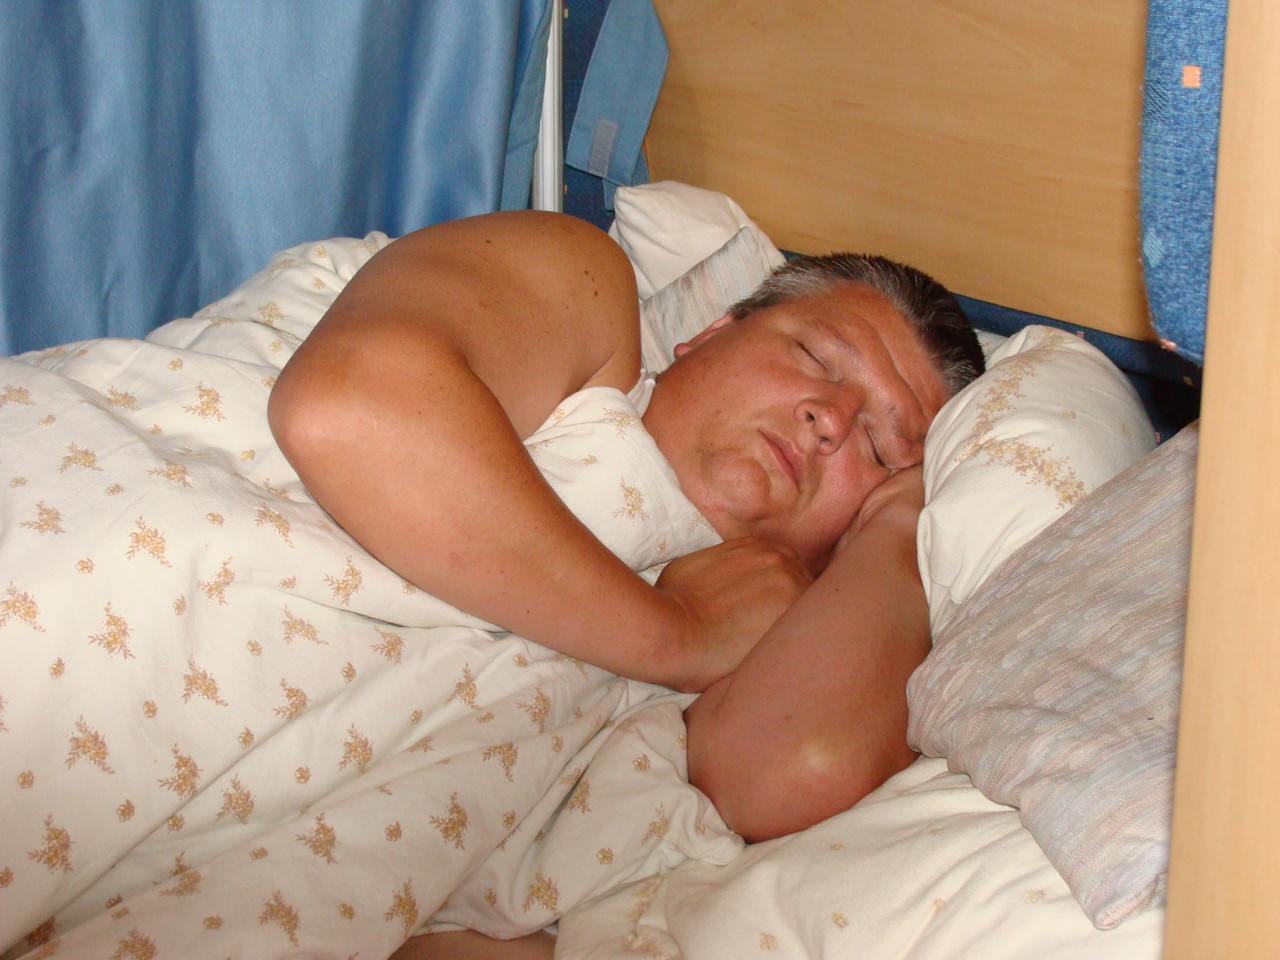 Nach dem anstrengenden Tag, hat Dirk sehr gut und fest geschlafen.